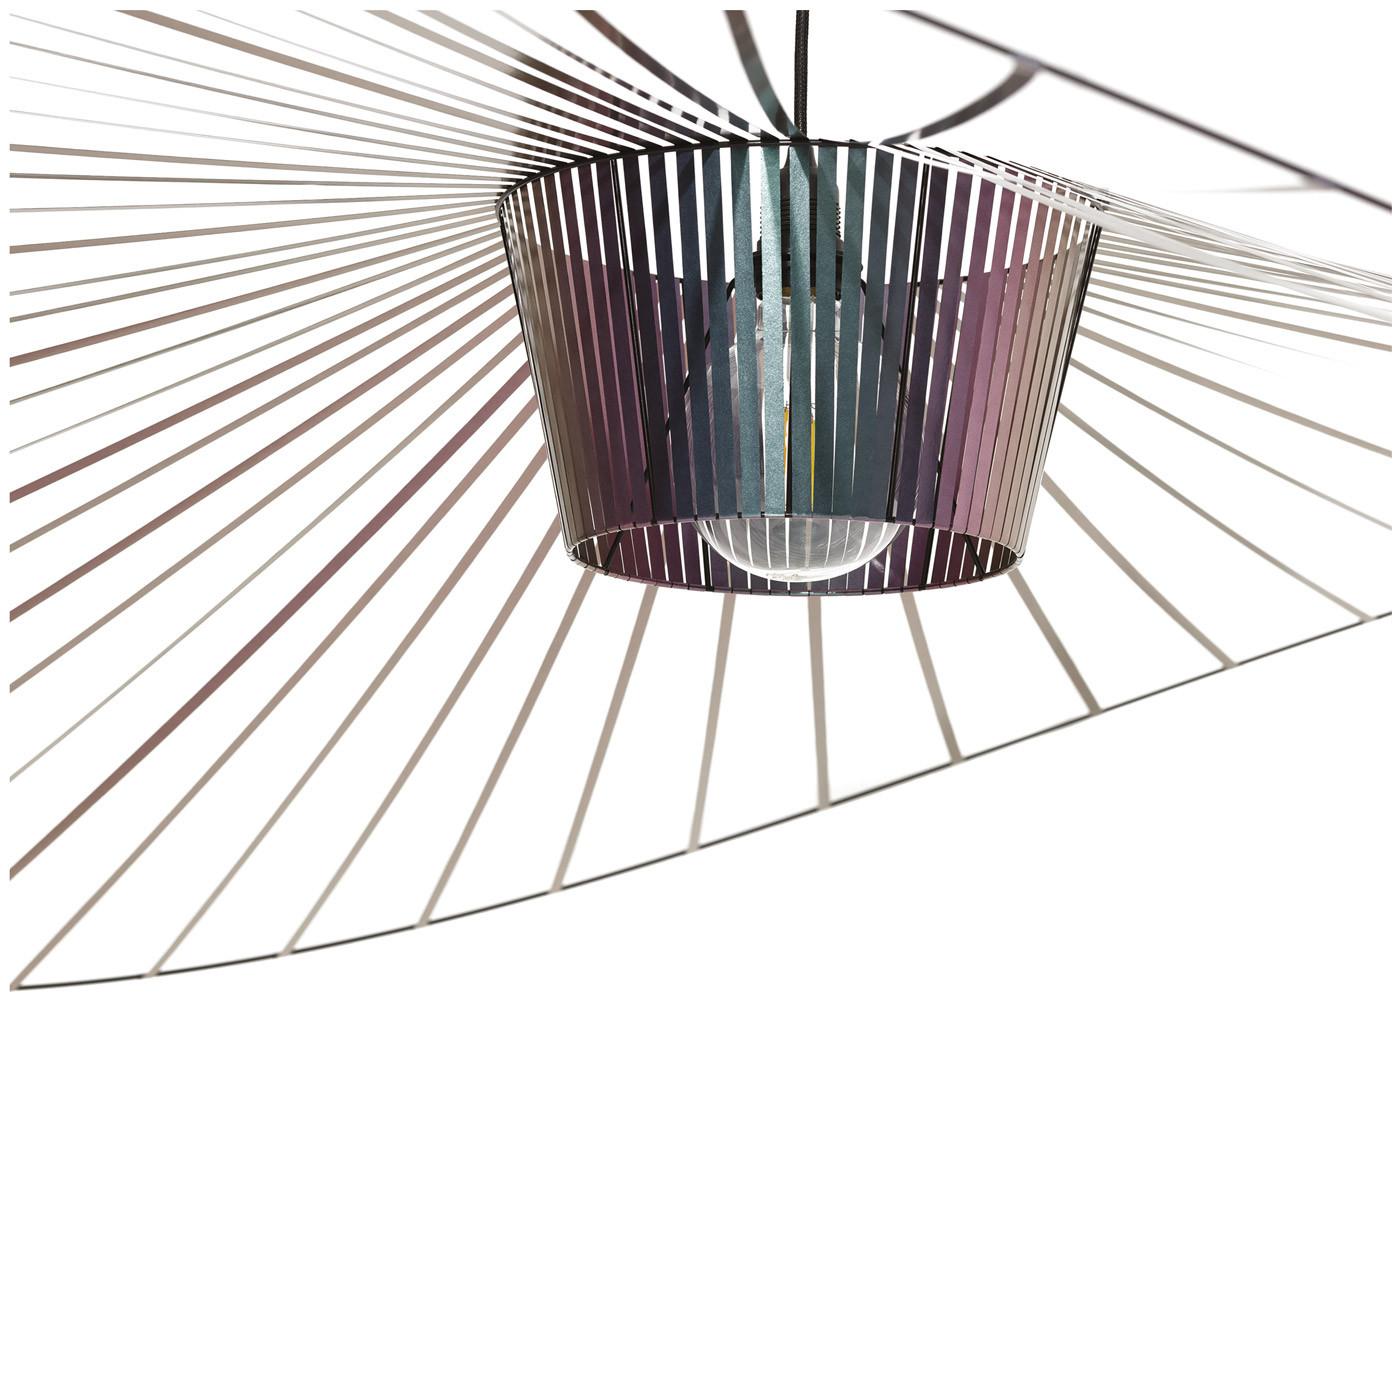 Ampoule Vertigo Petite Friture petite friture vertigo l suspension